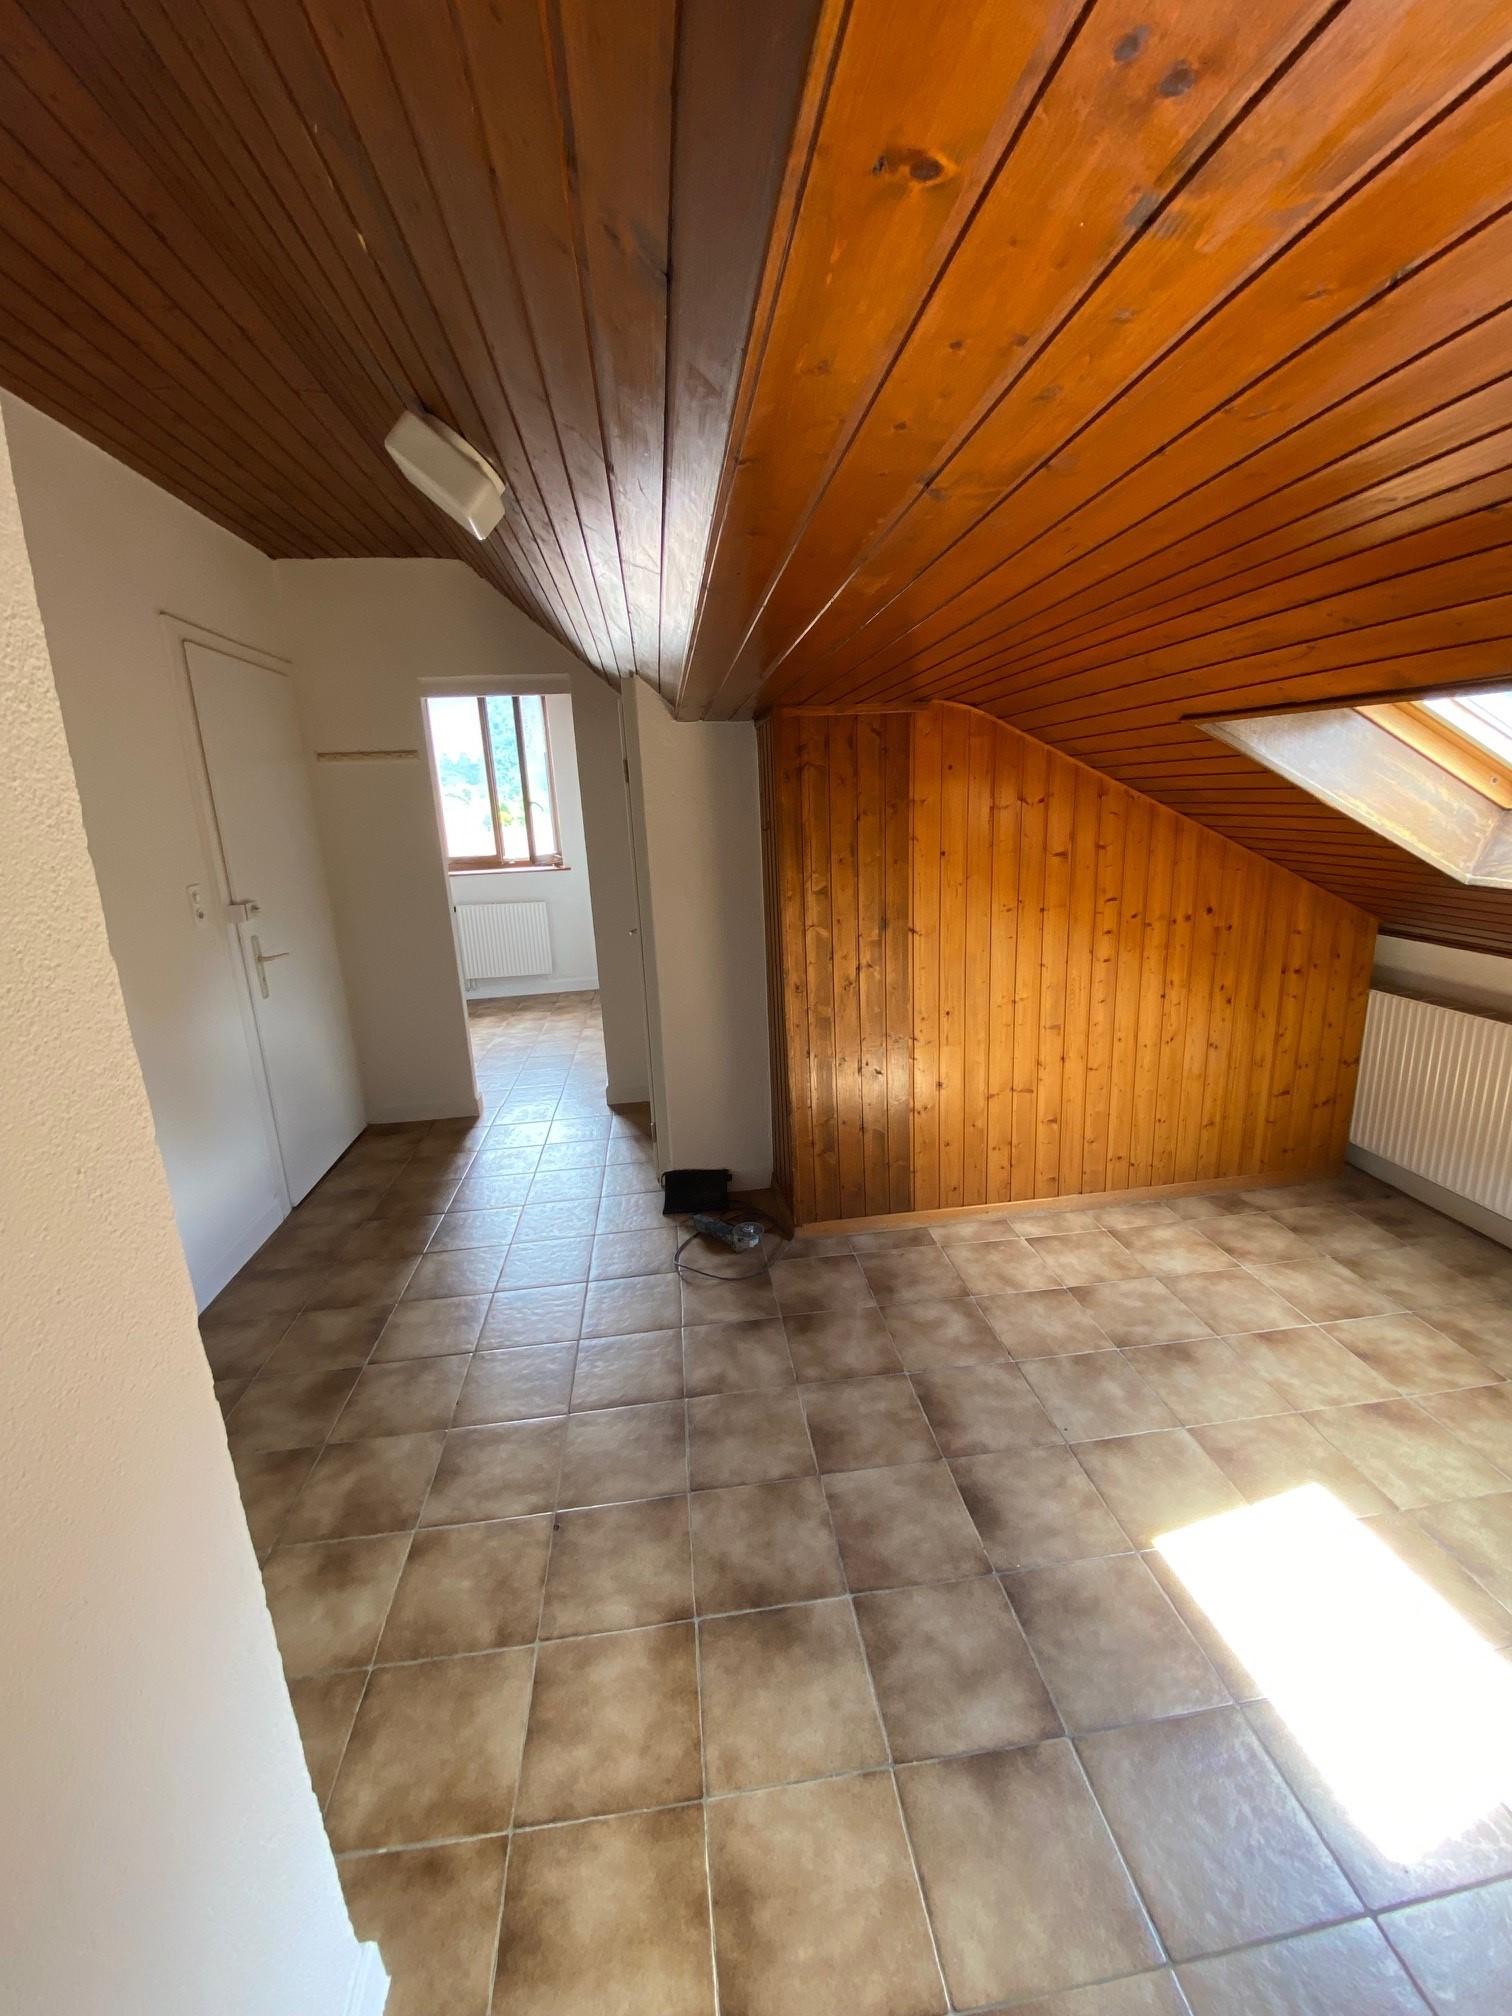 Habitat de 2.0 pièces au 2ème étage